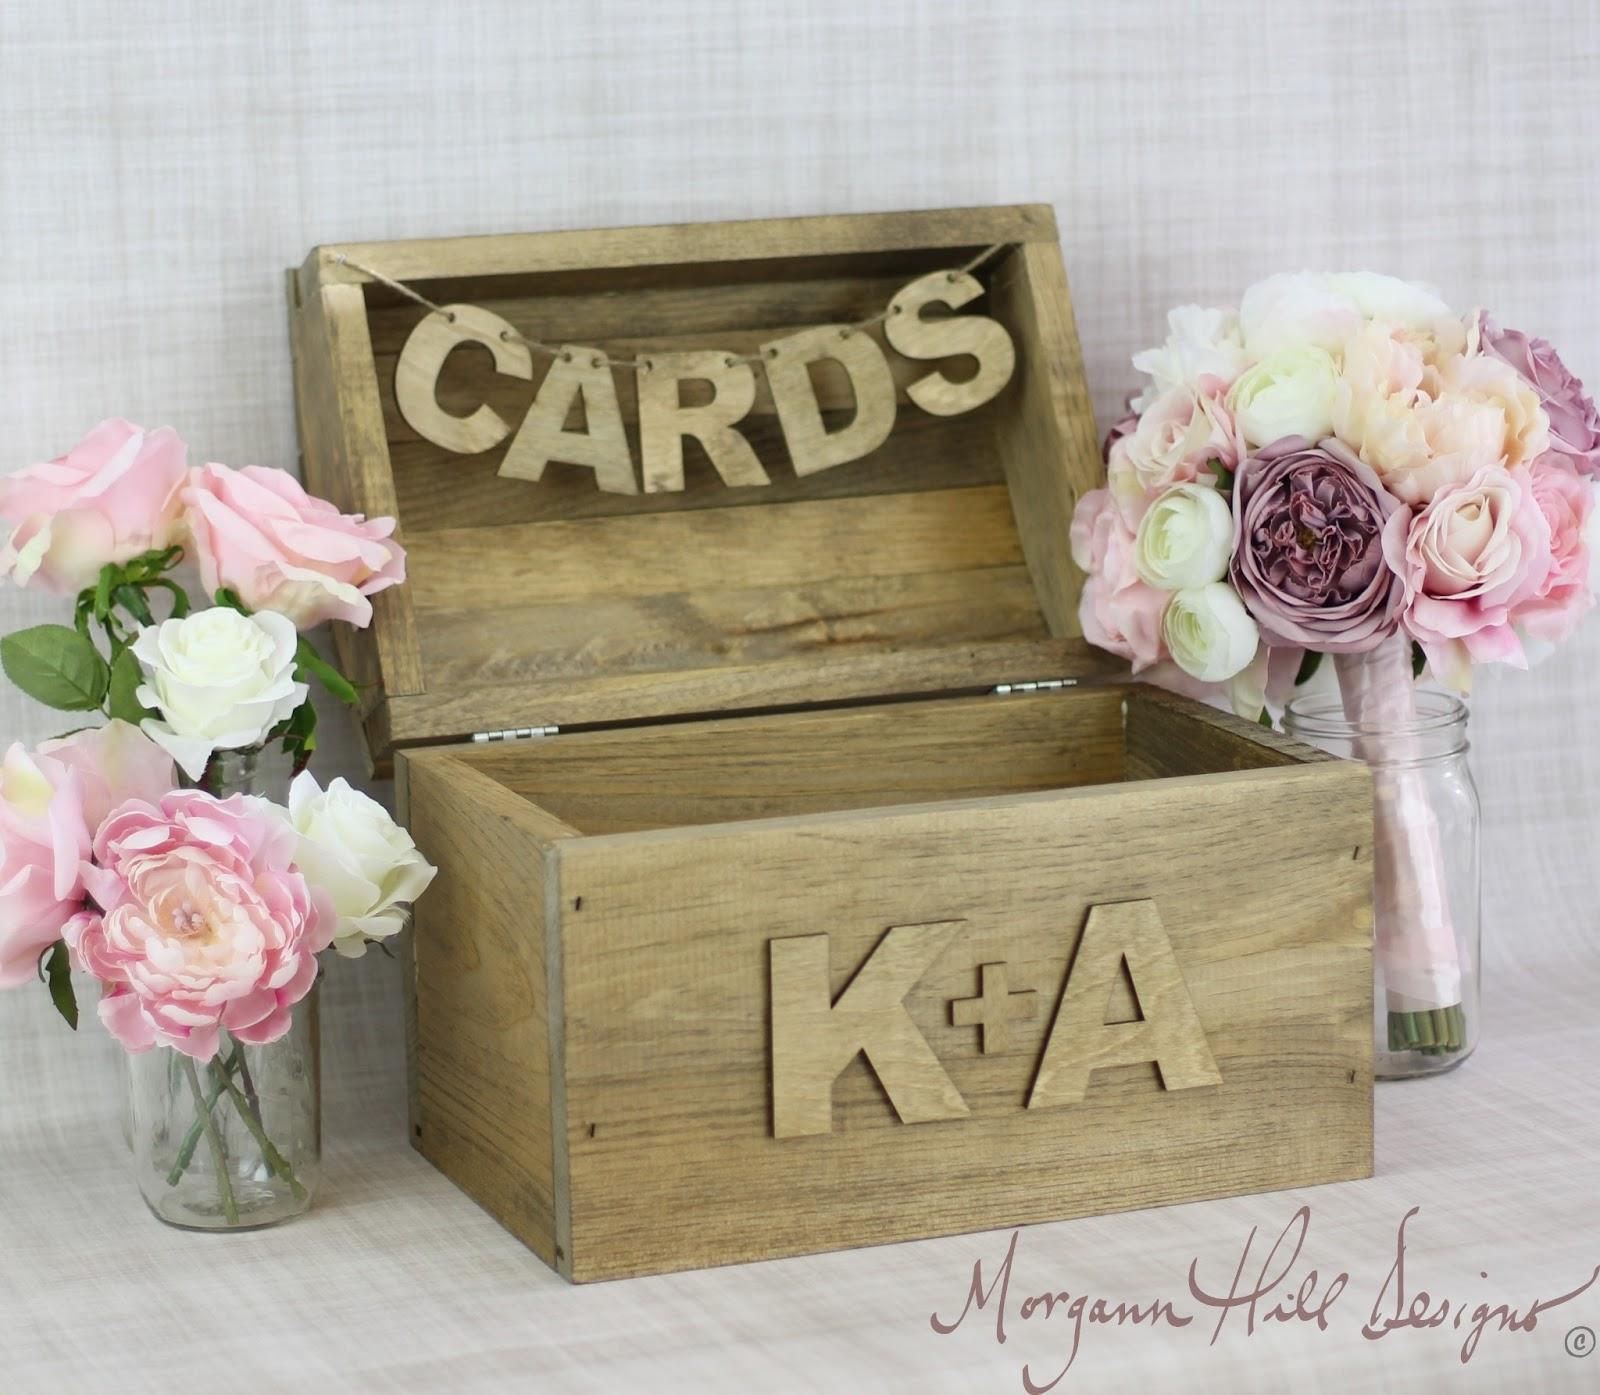 Morgann Hill Designs Personalized Rustic Card Box Country Wedding Barn Farm Garden Decor Item